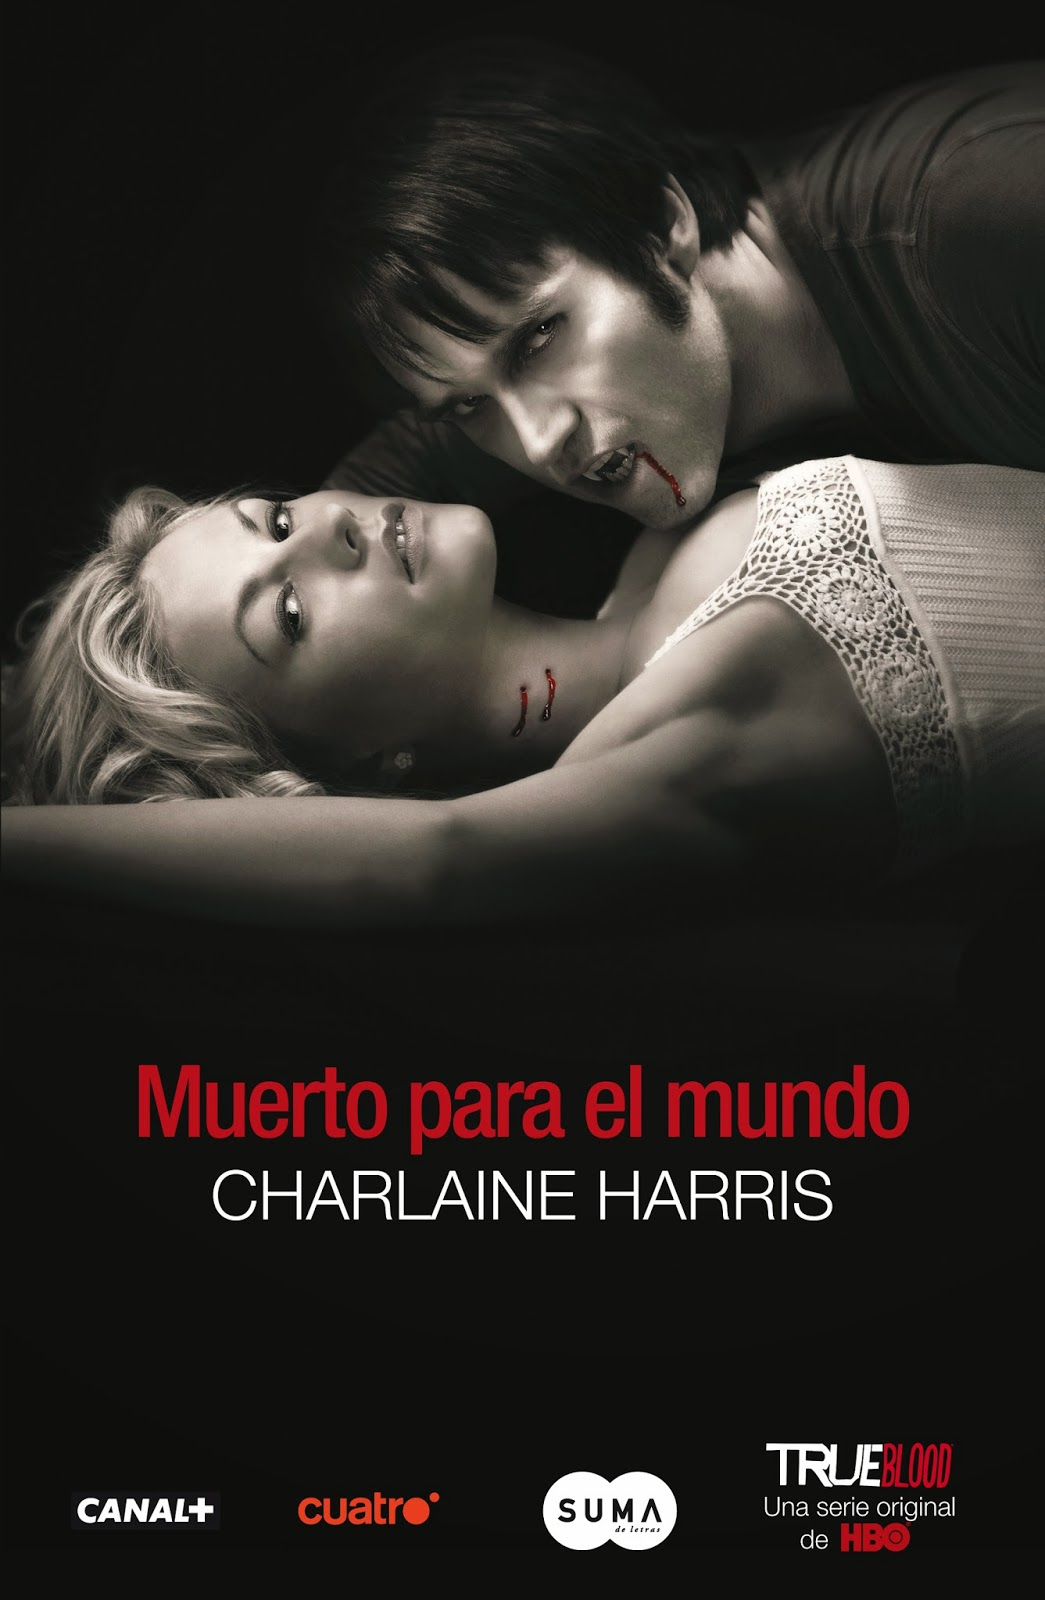 http://labibliotecadebella.blogspot.com.es/2013/11/charline-harris-muerto-para-el-mundo.html